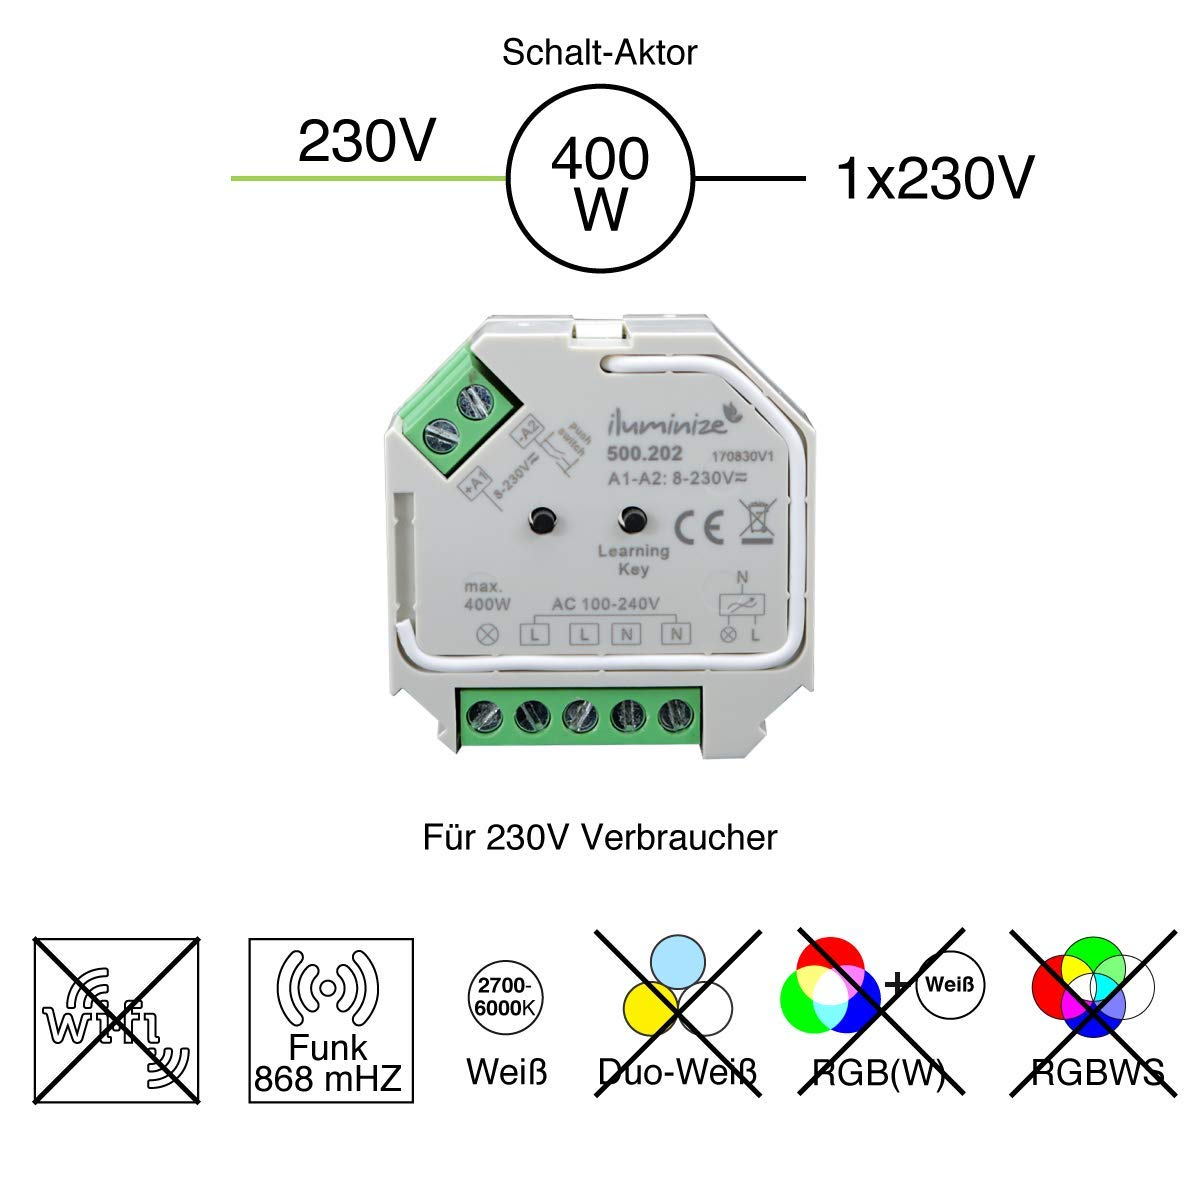 Wand-Dimmer 200W//400W iluminize Funk Schalt-Aktor Mini schalten per Funk mit iluminize Hand-Fernbedienung 1x 230V Schalt-Aktor Desk-Dimmer oder WiFi-Bridge WICHTIG: nicht Zigbee 3.0 kompatibel